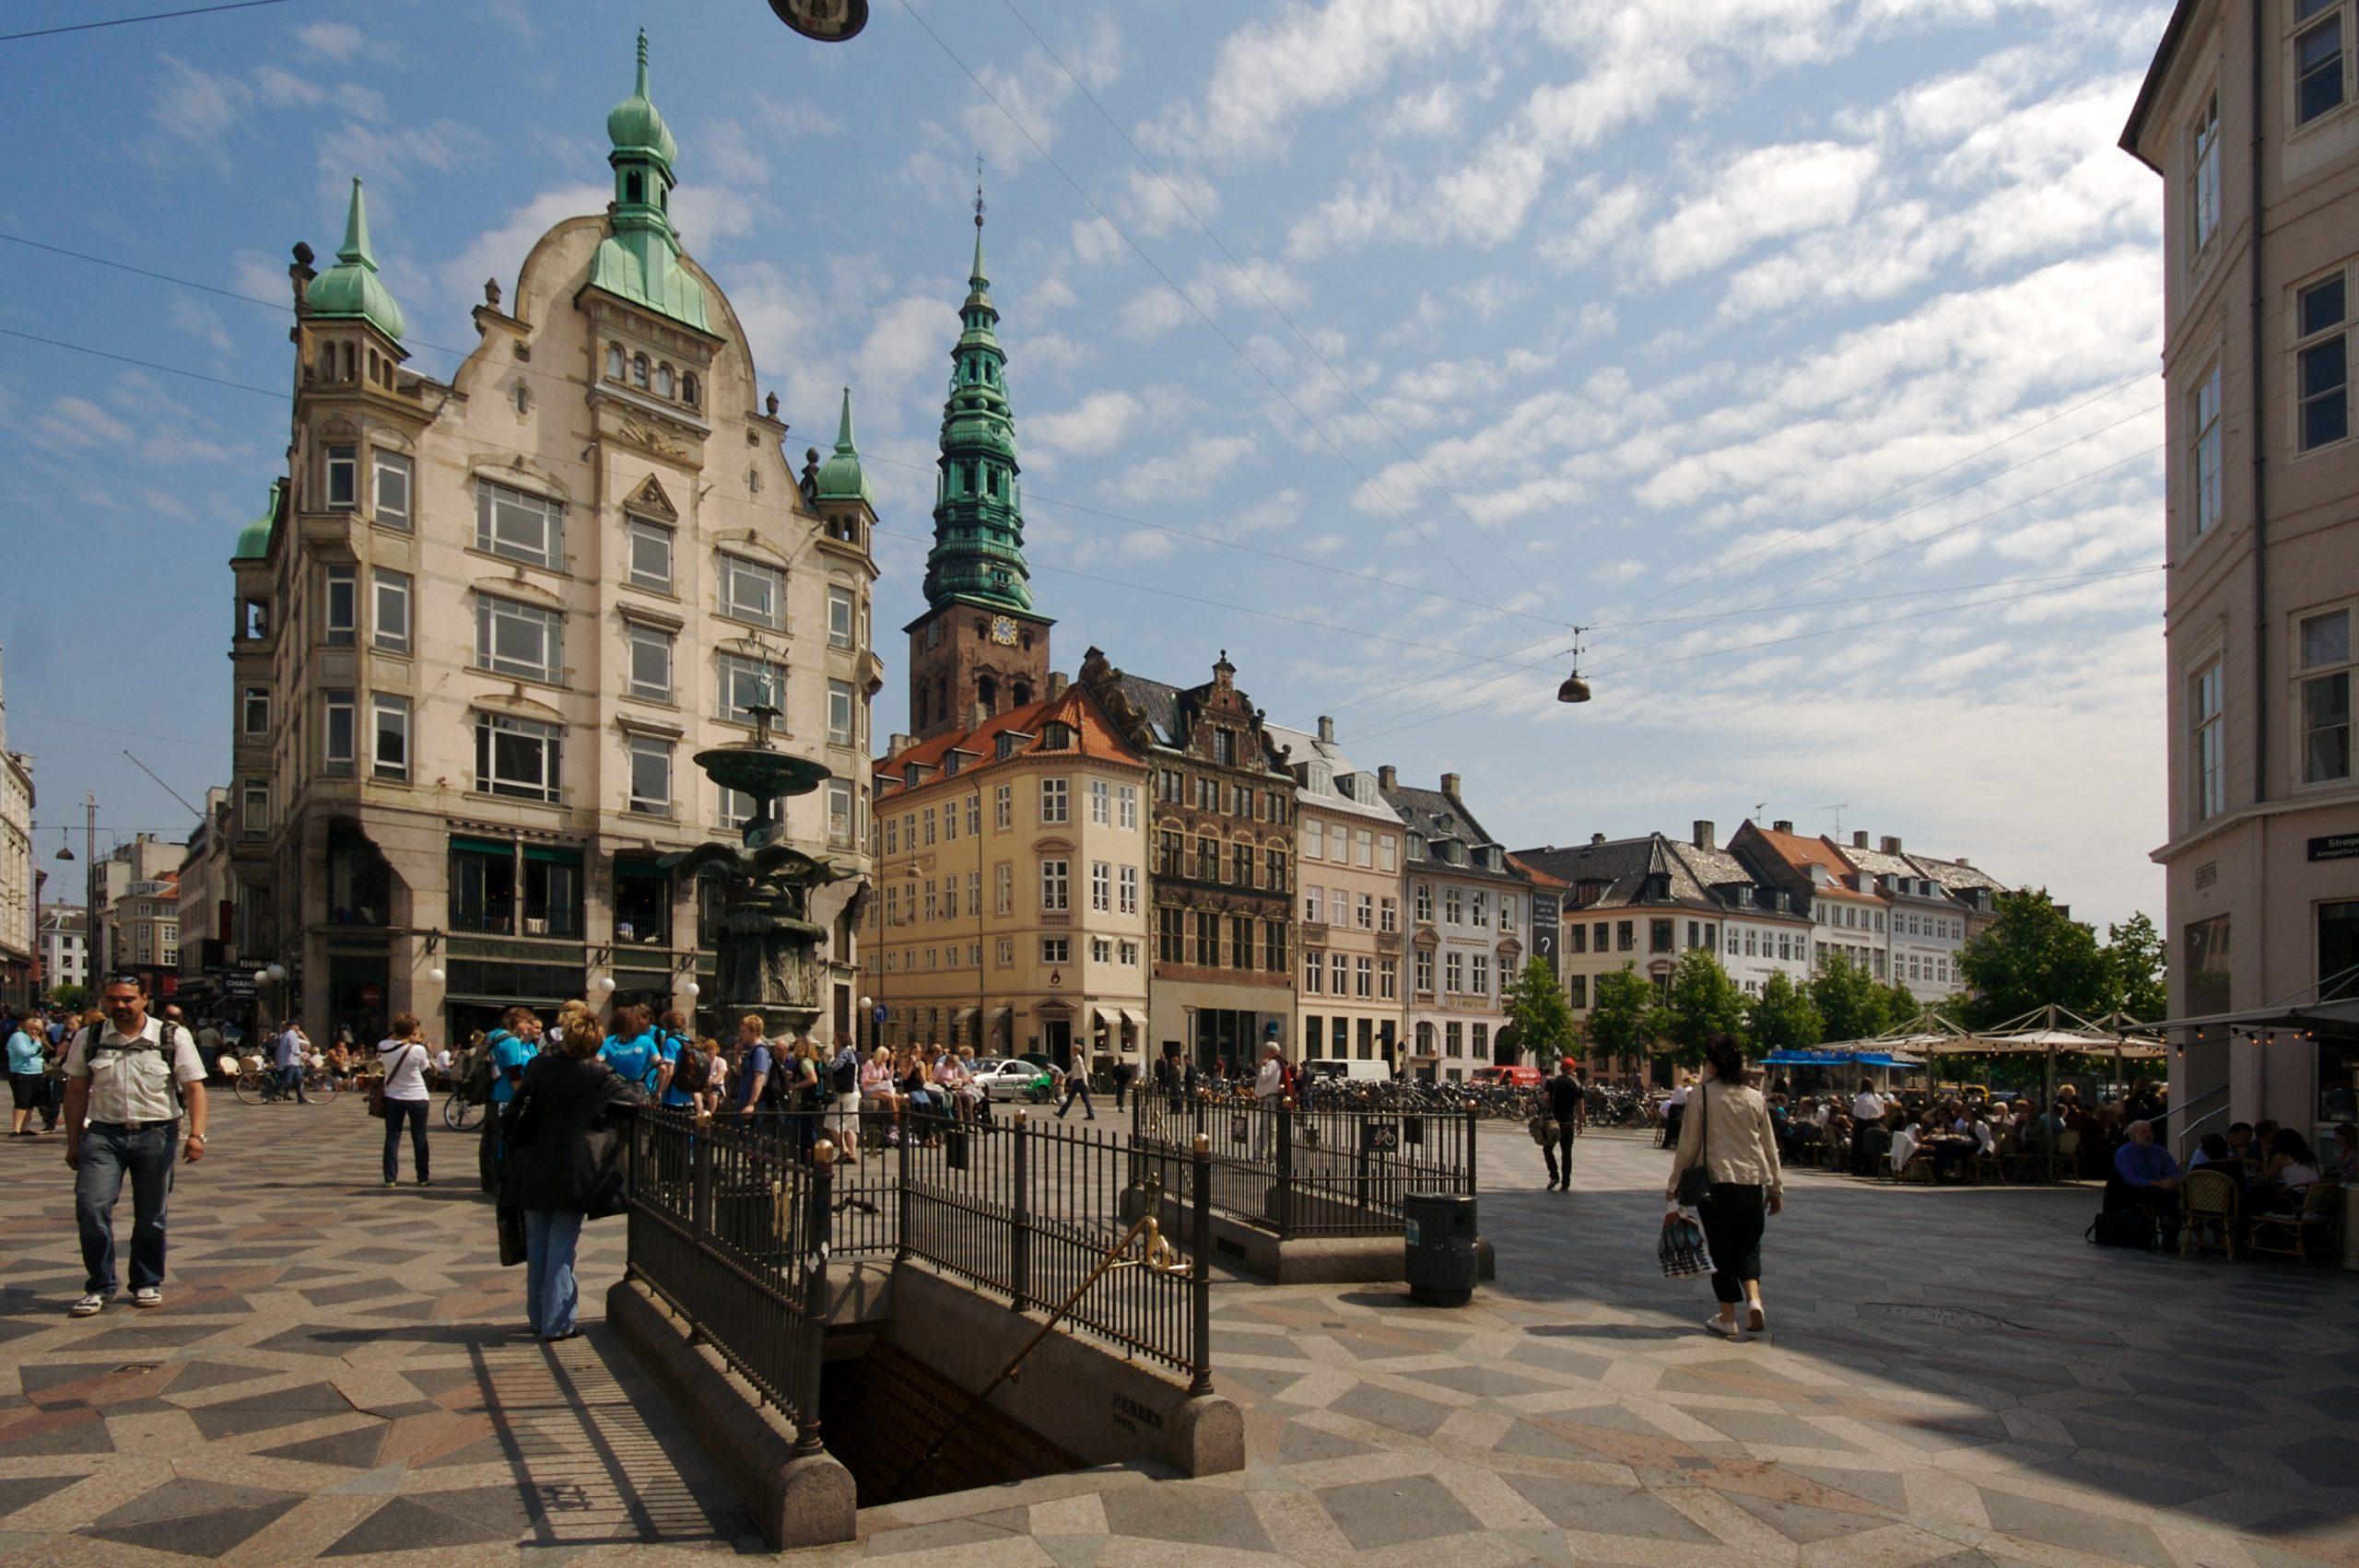 Strøget - Popular Tourist Destinations in Copenhagen